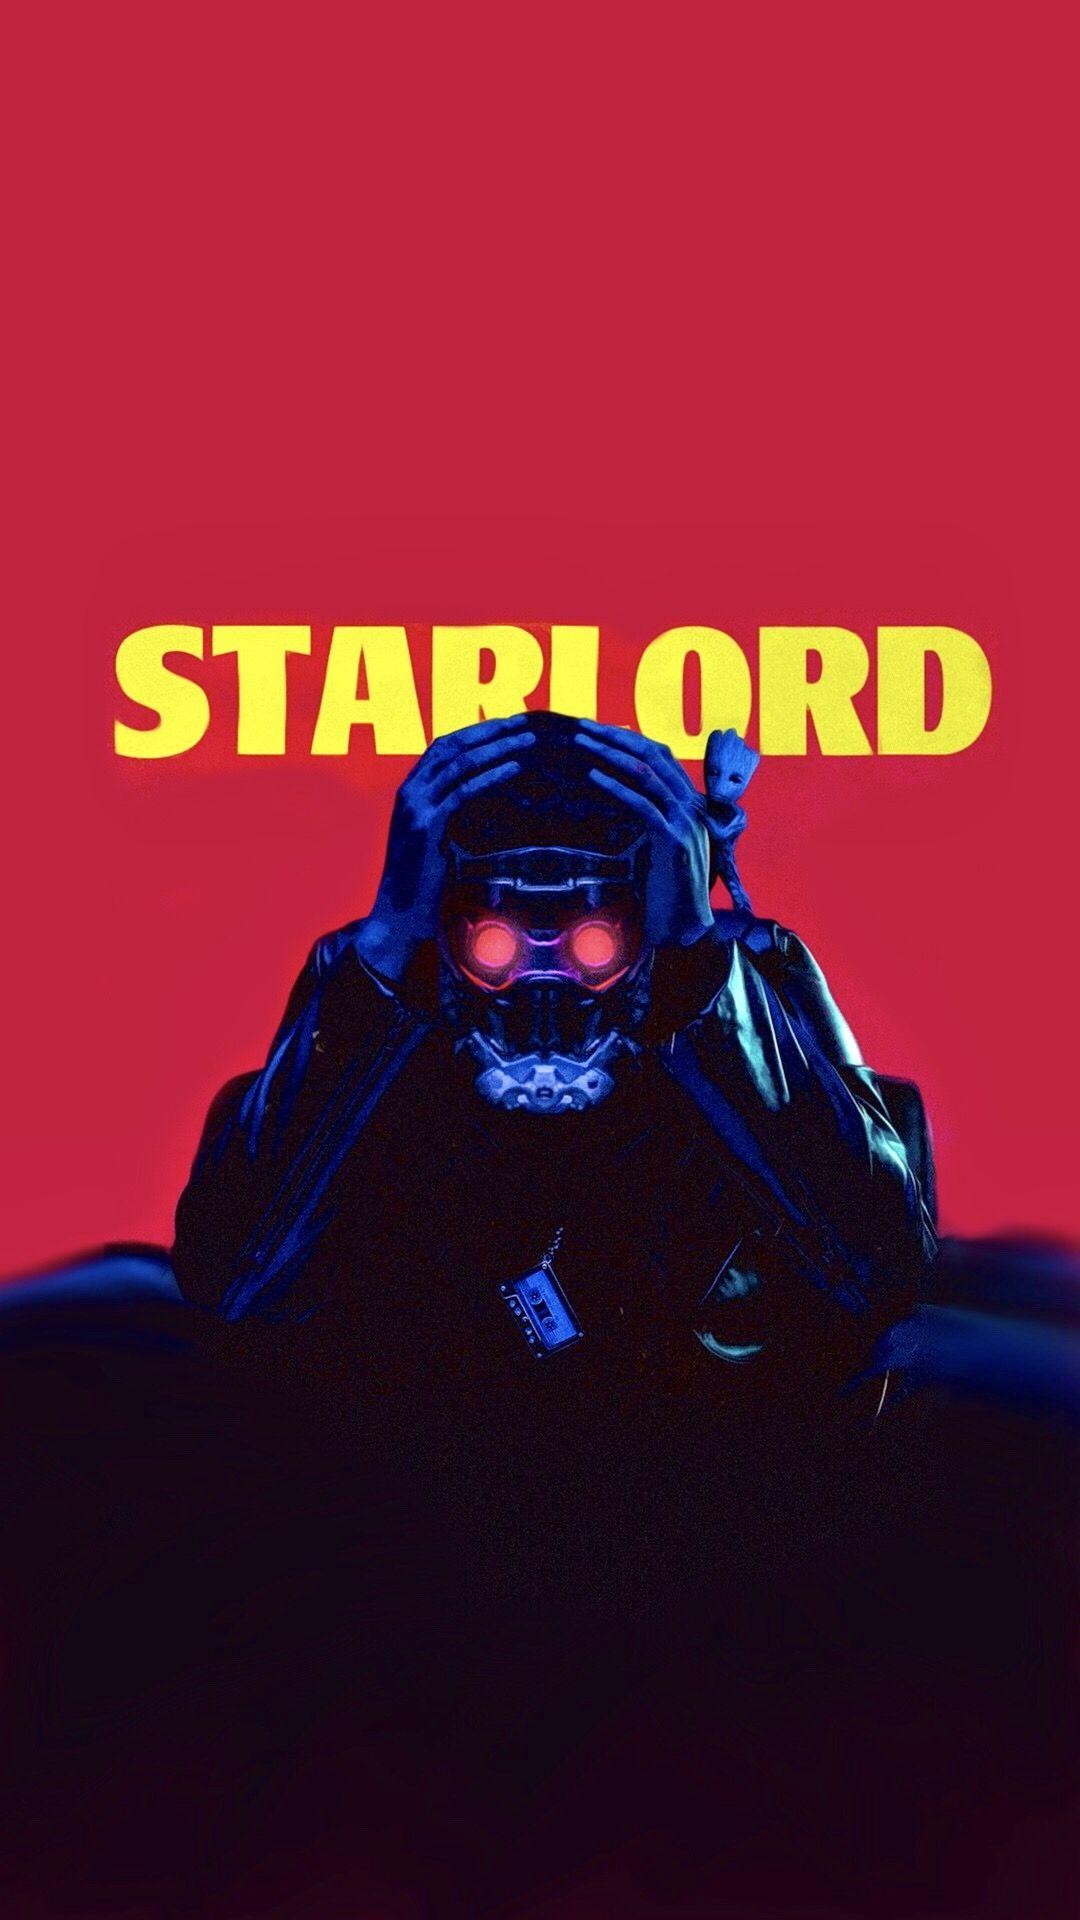 Guardianes De La Galaxia Vol - Star Lord , HD Wallpaper & Backgrounds